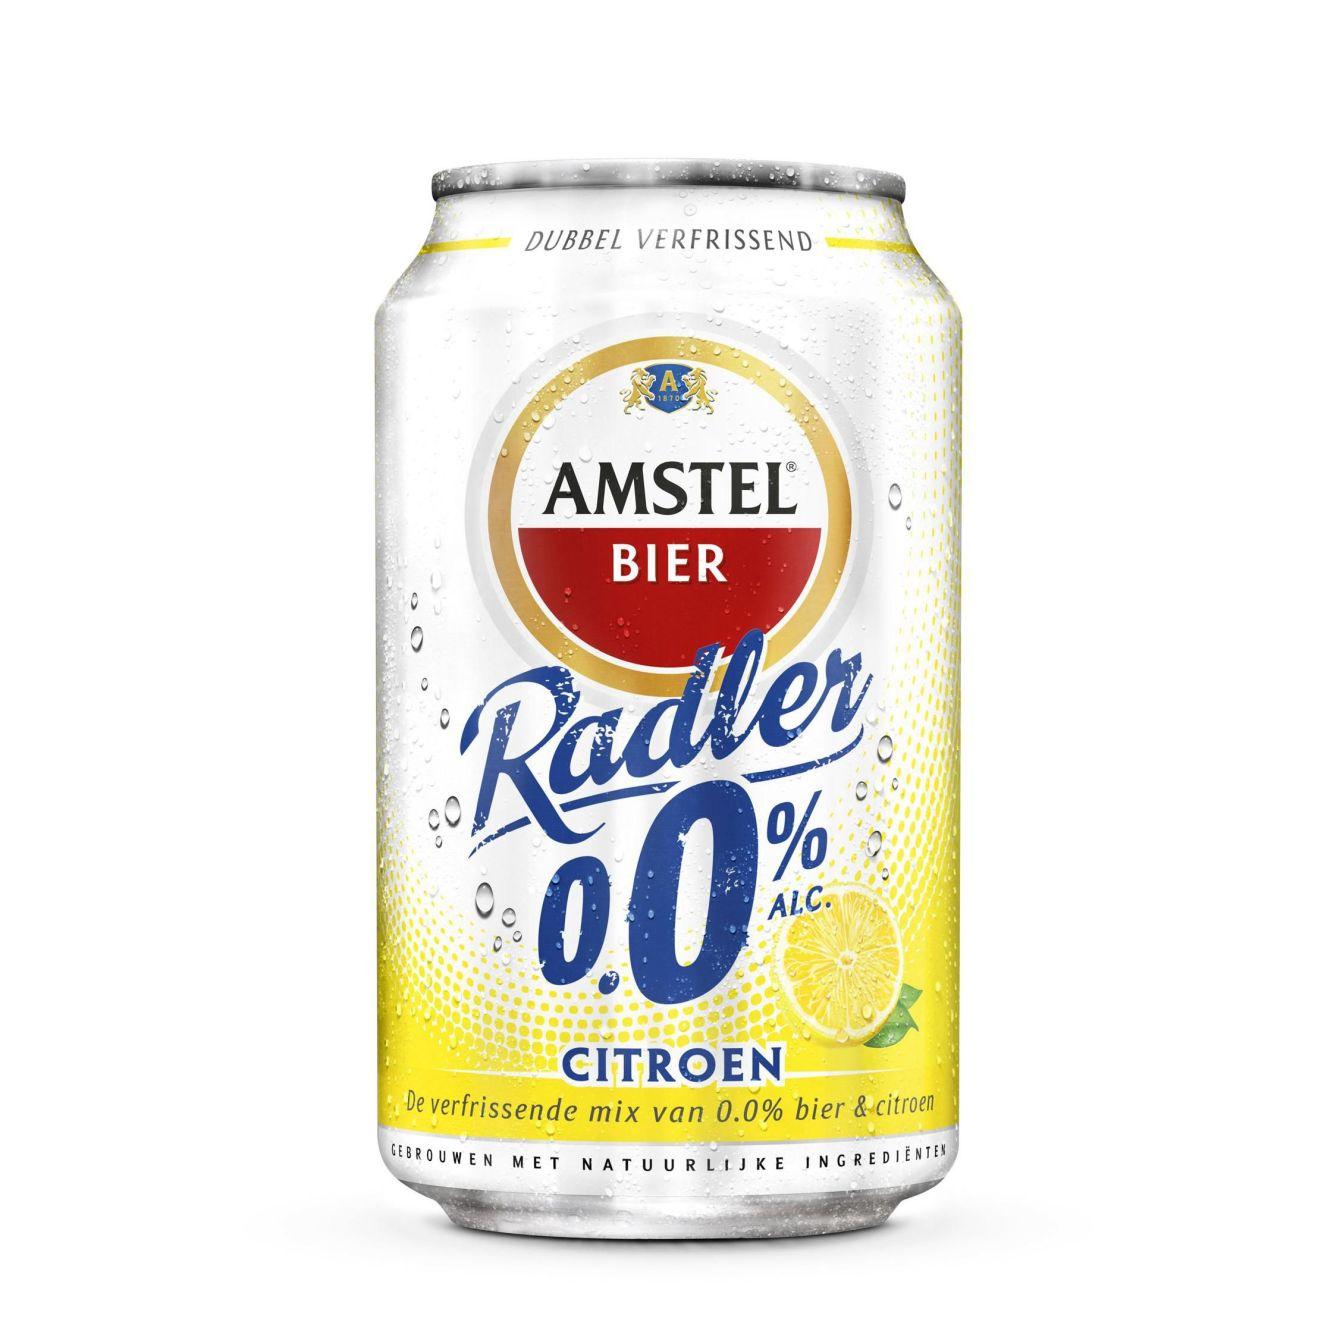 Amstel Radler 0.0% Citroen Bier Blik